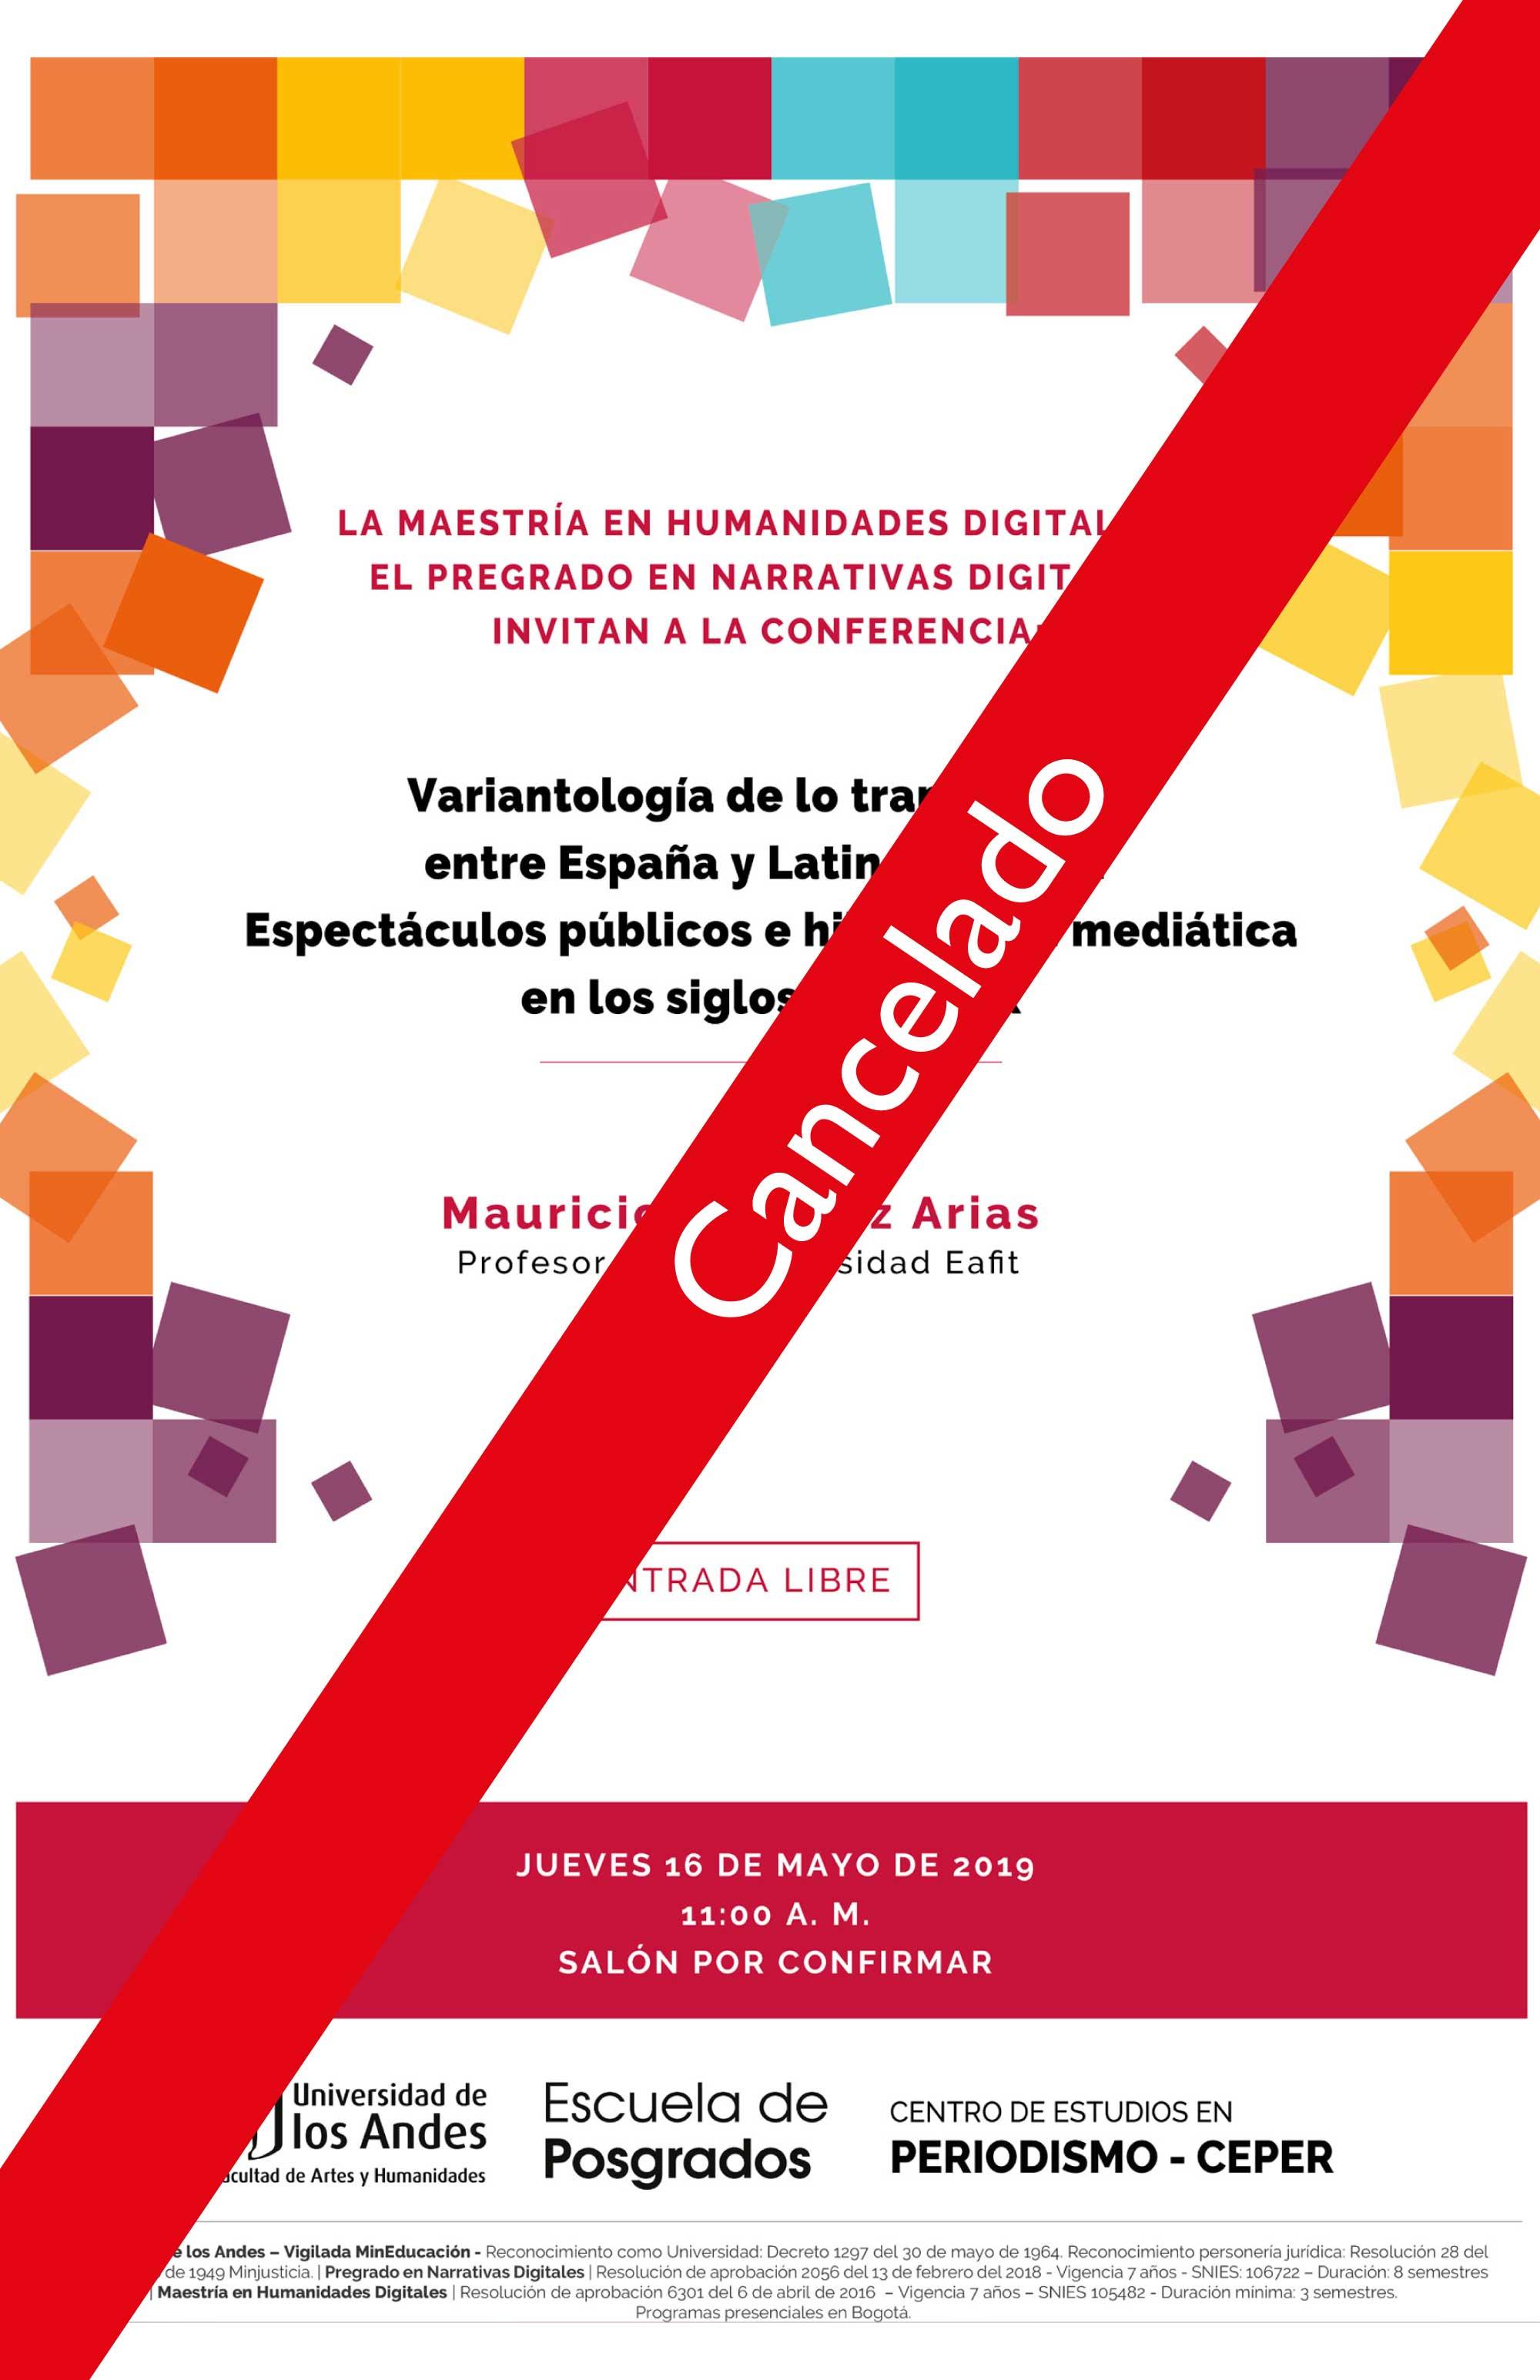 Conferencia: Variantología de lo transmedial entre España y Latinoamérica: Espectáculos públicos e hibridación mediática en los siglos XVII y XIX